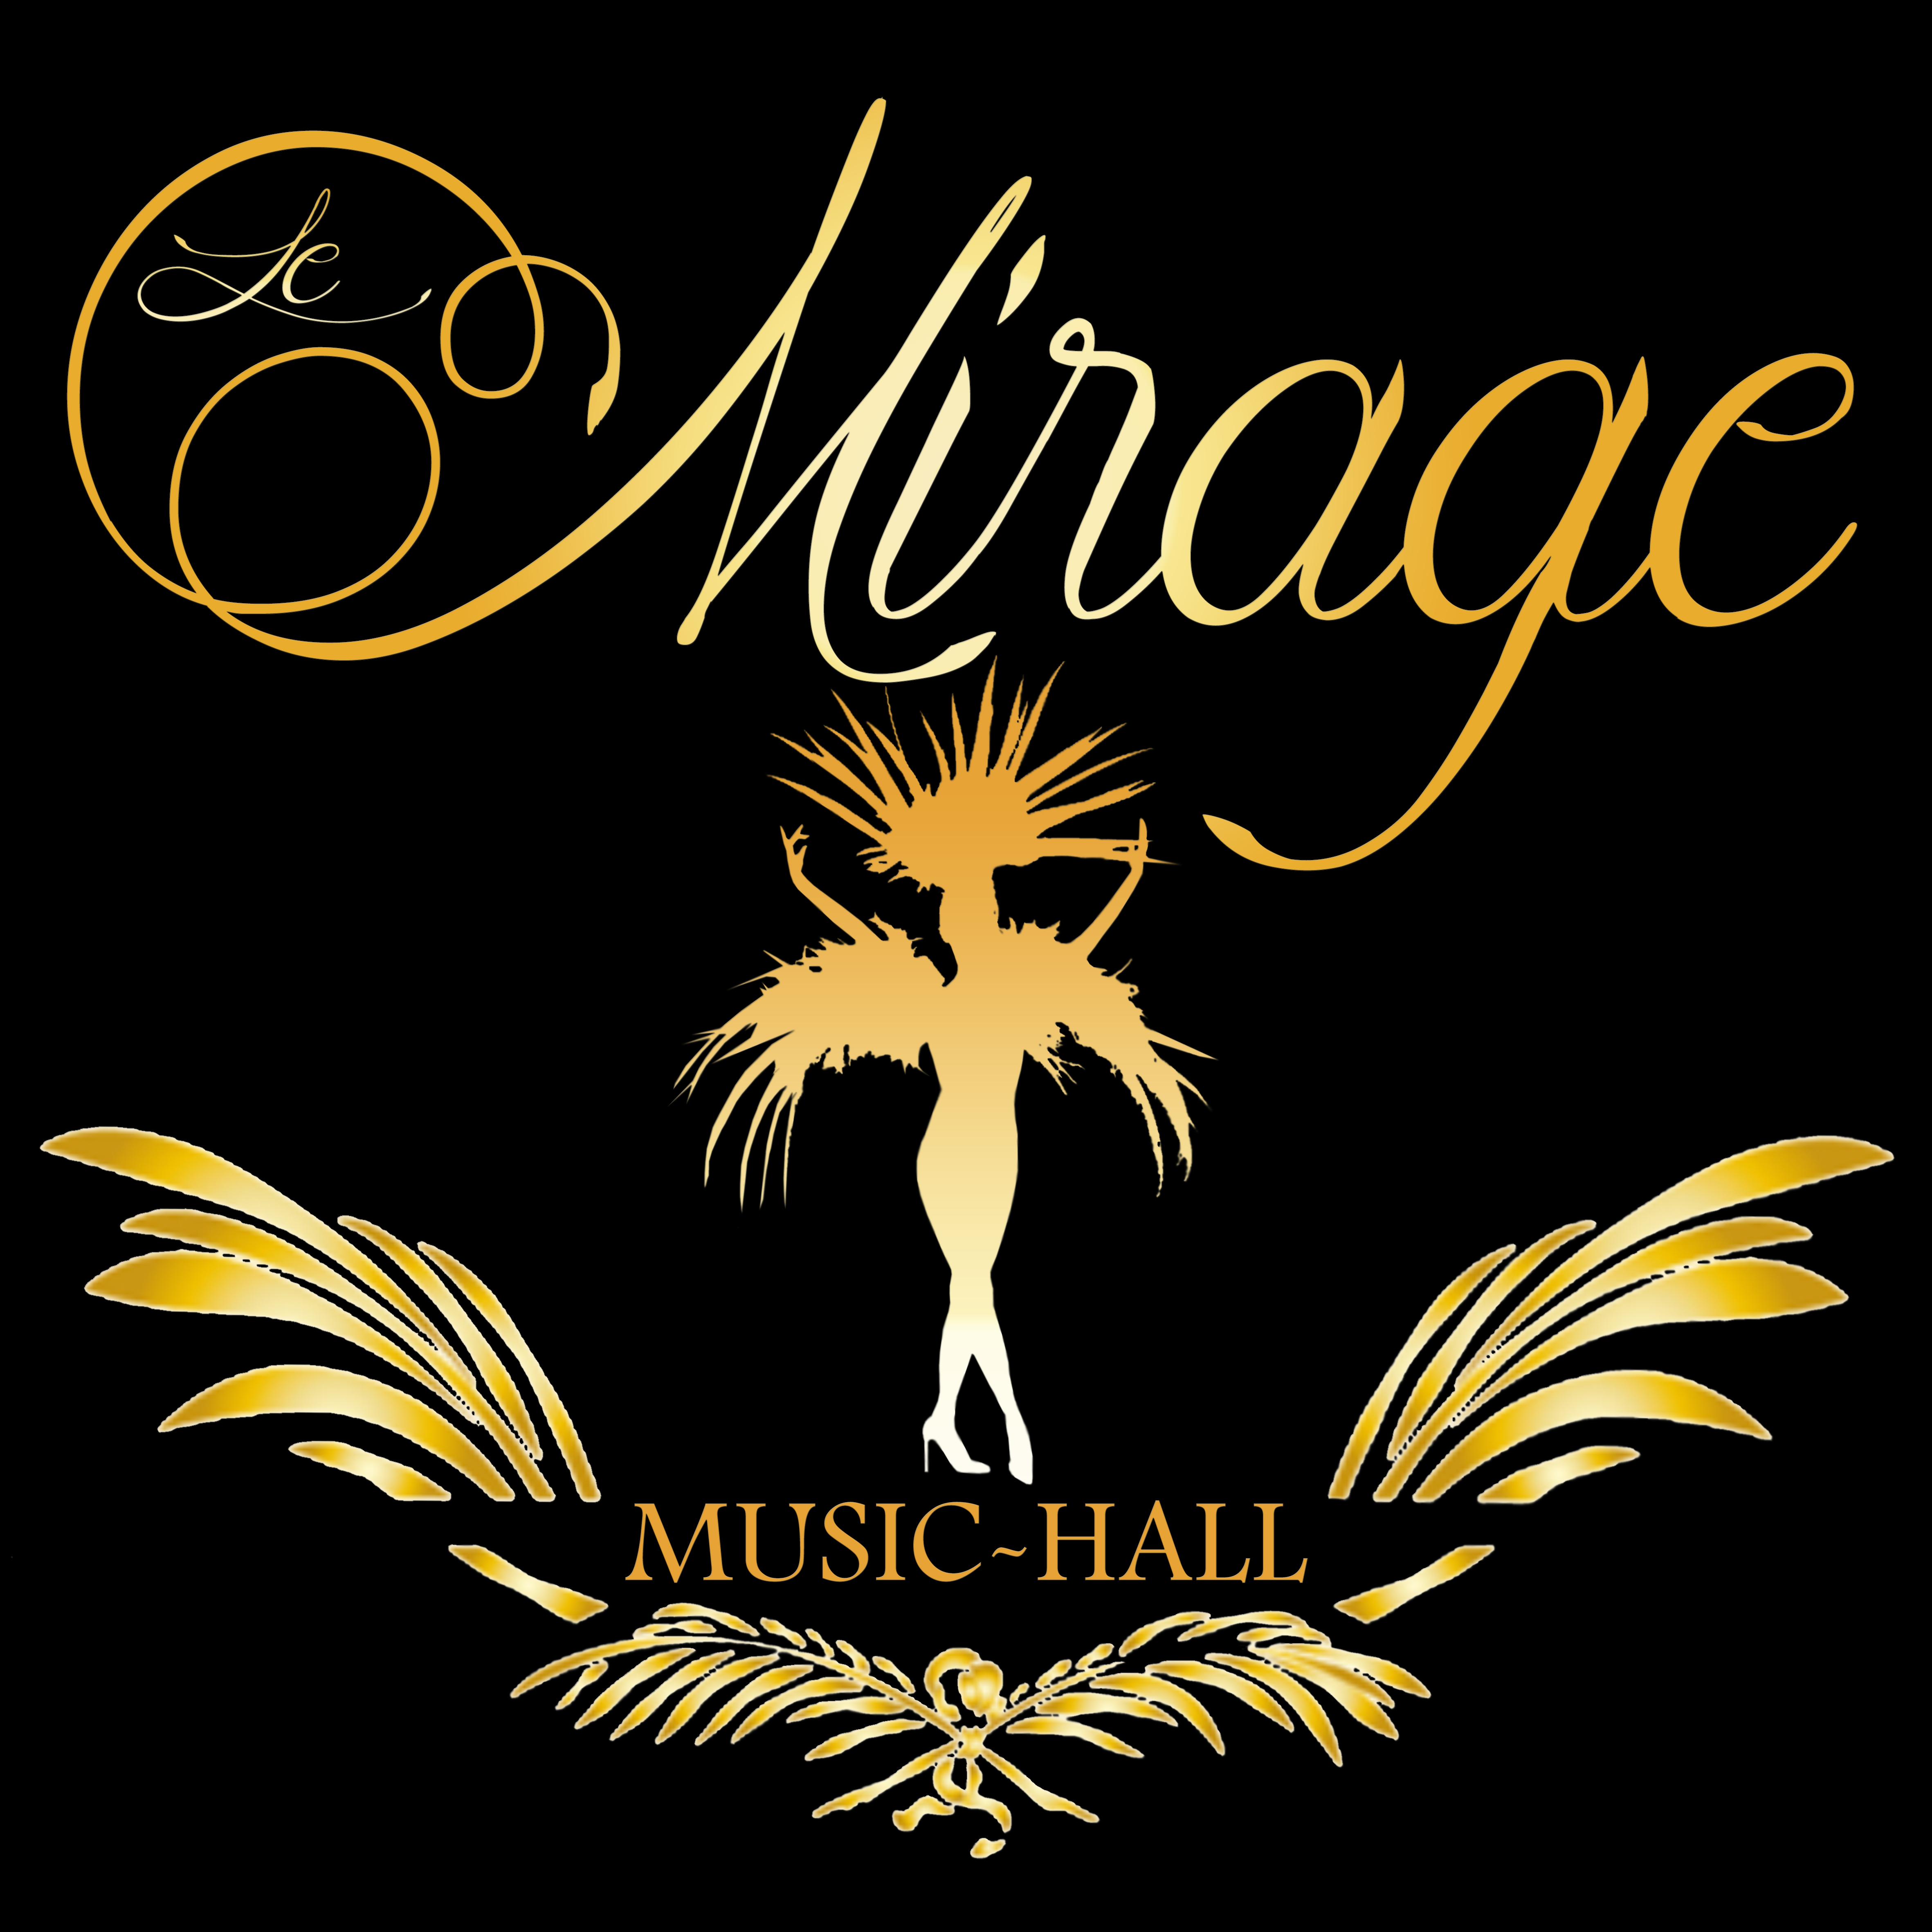 Cabaret Le Mirage